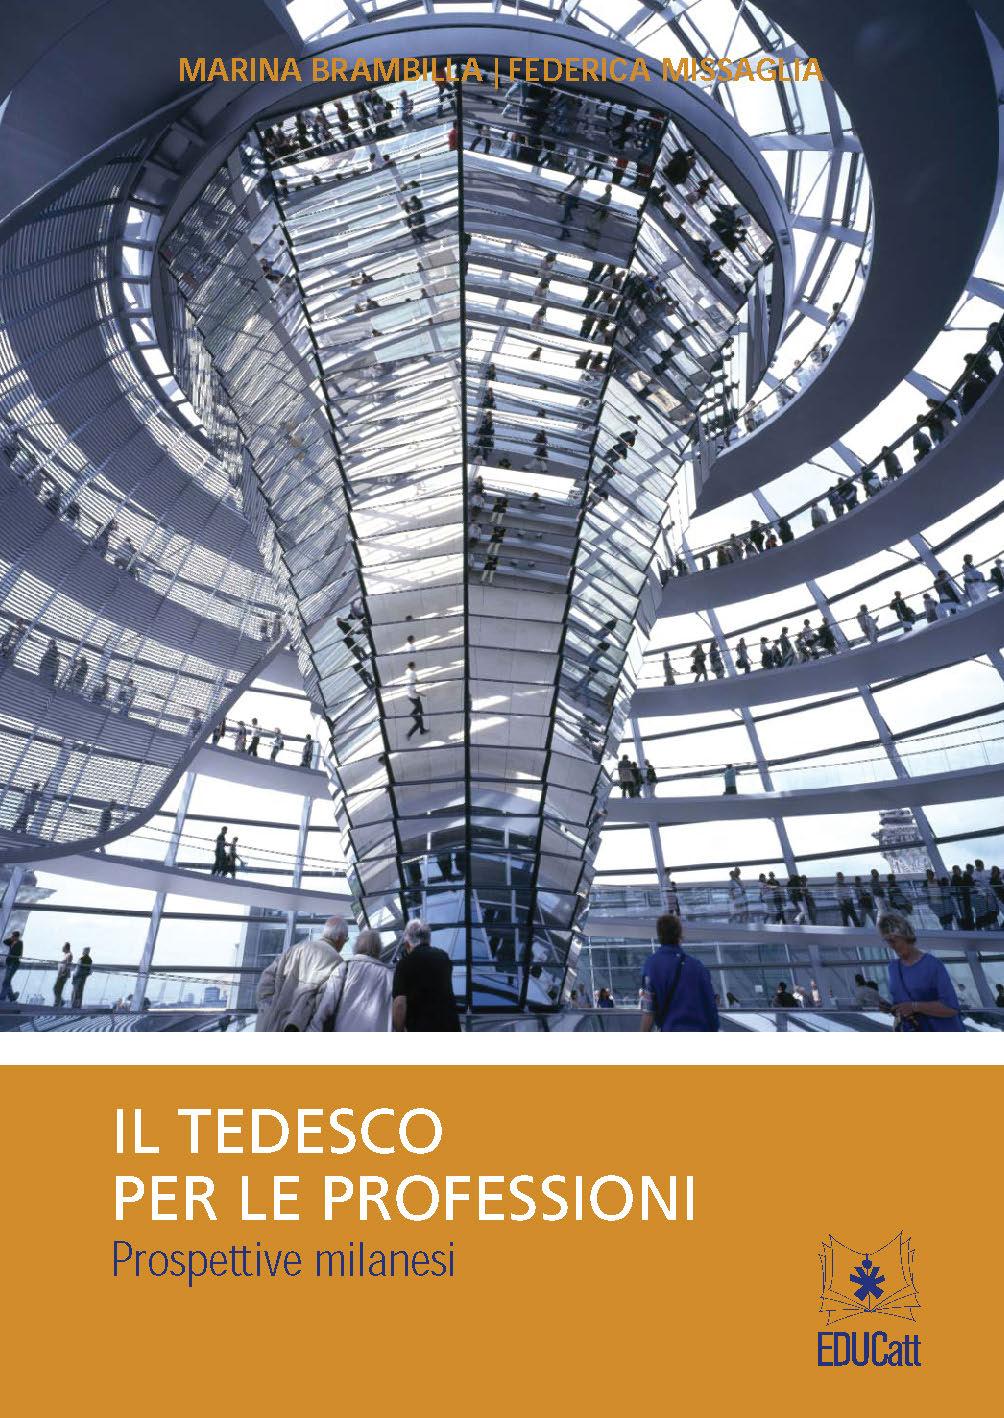 IL TEDESCO PER LE PROFESSIONI